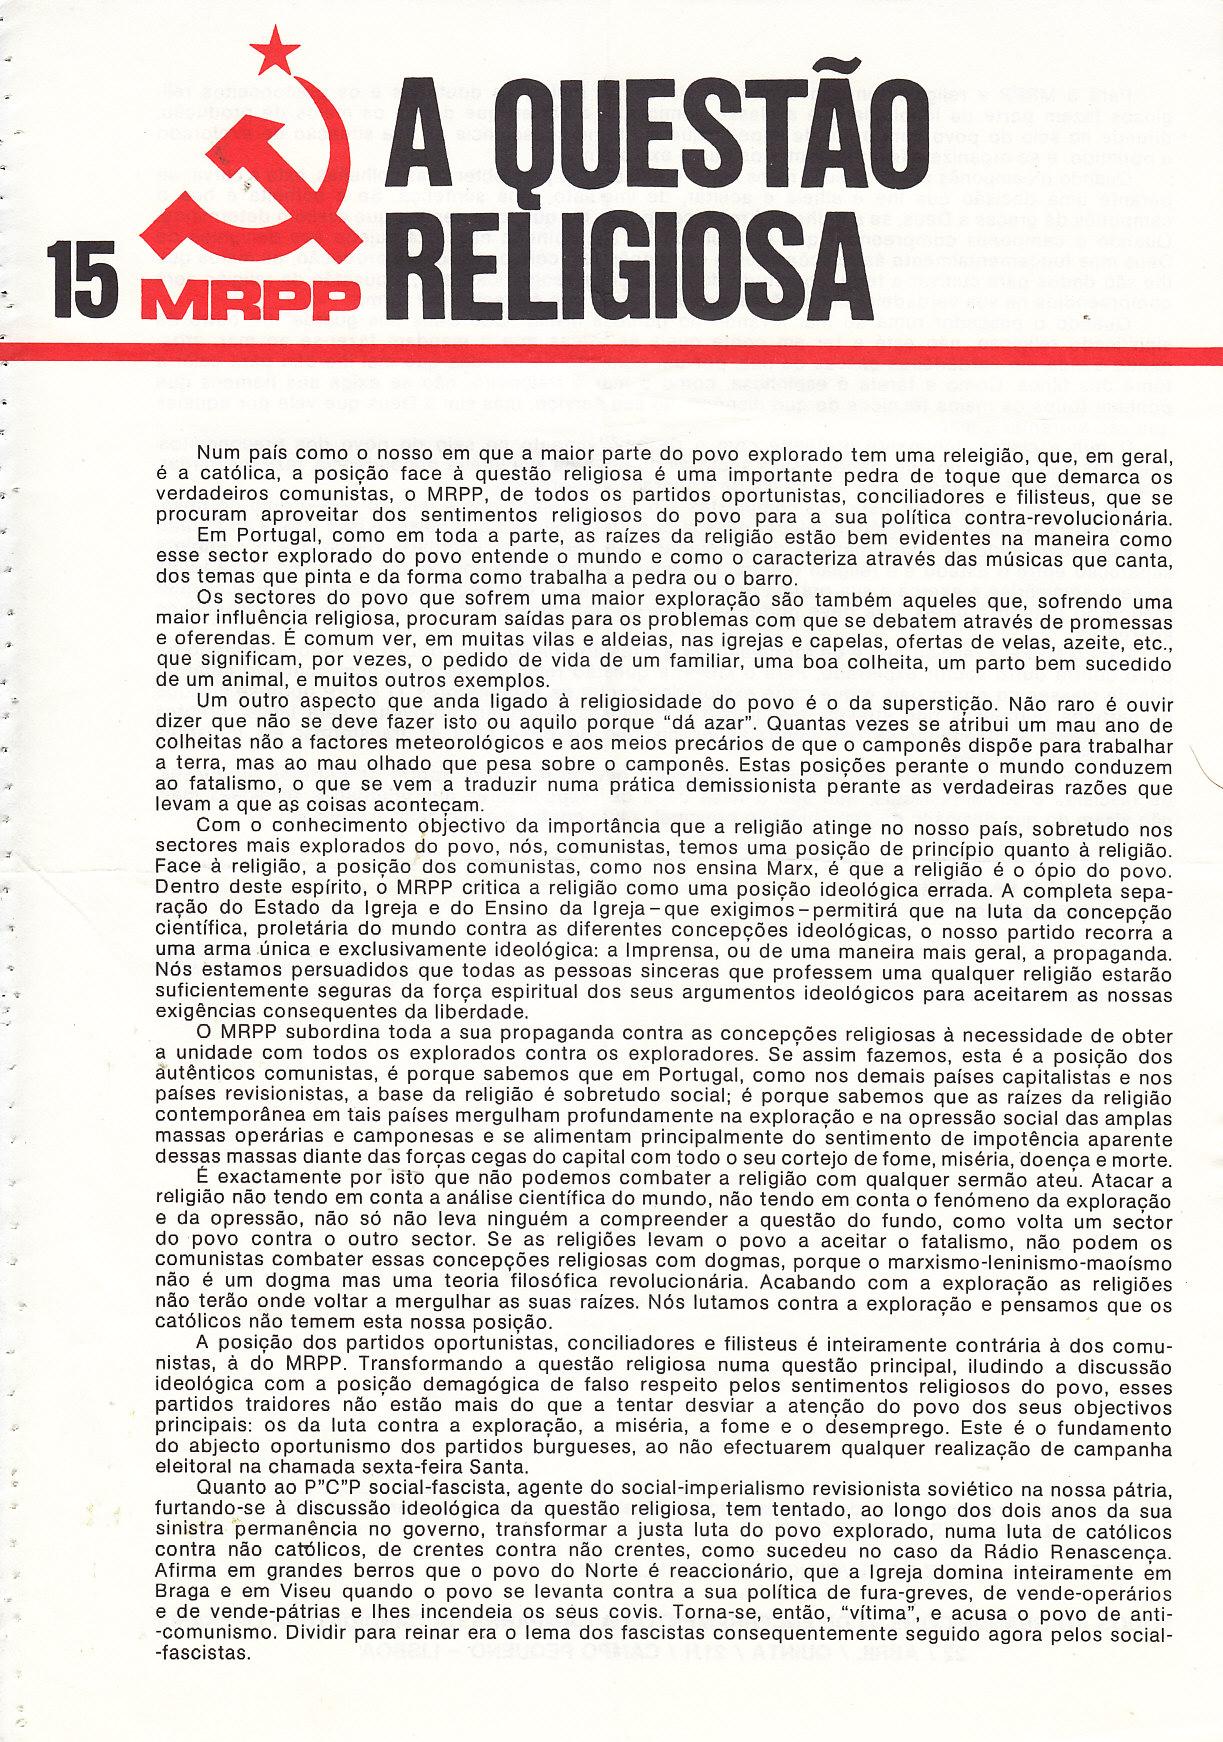 MRPP_SN15_0001